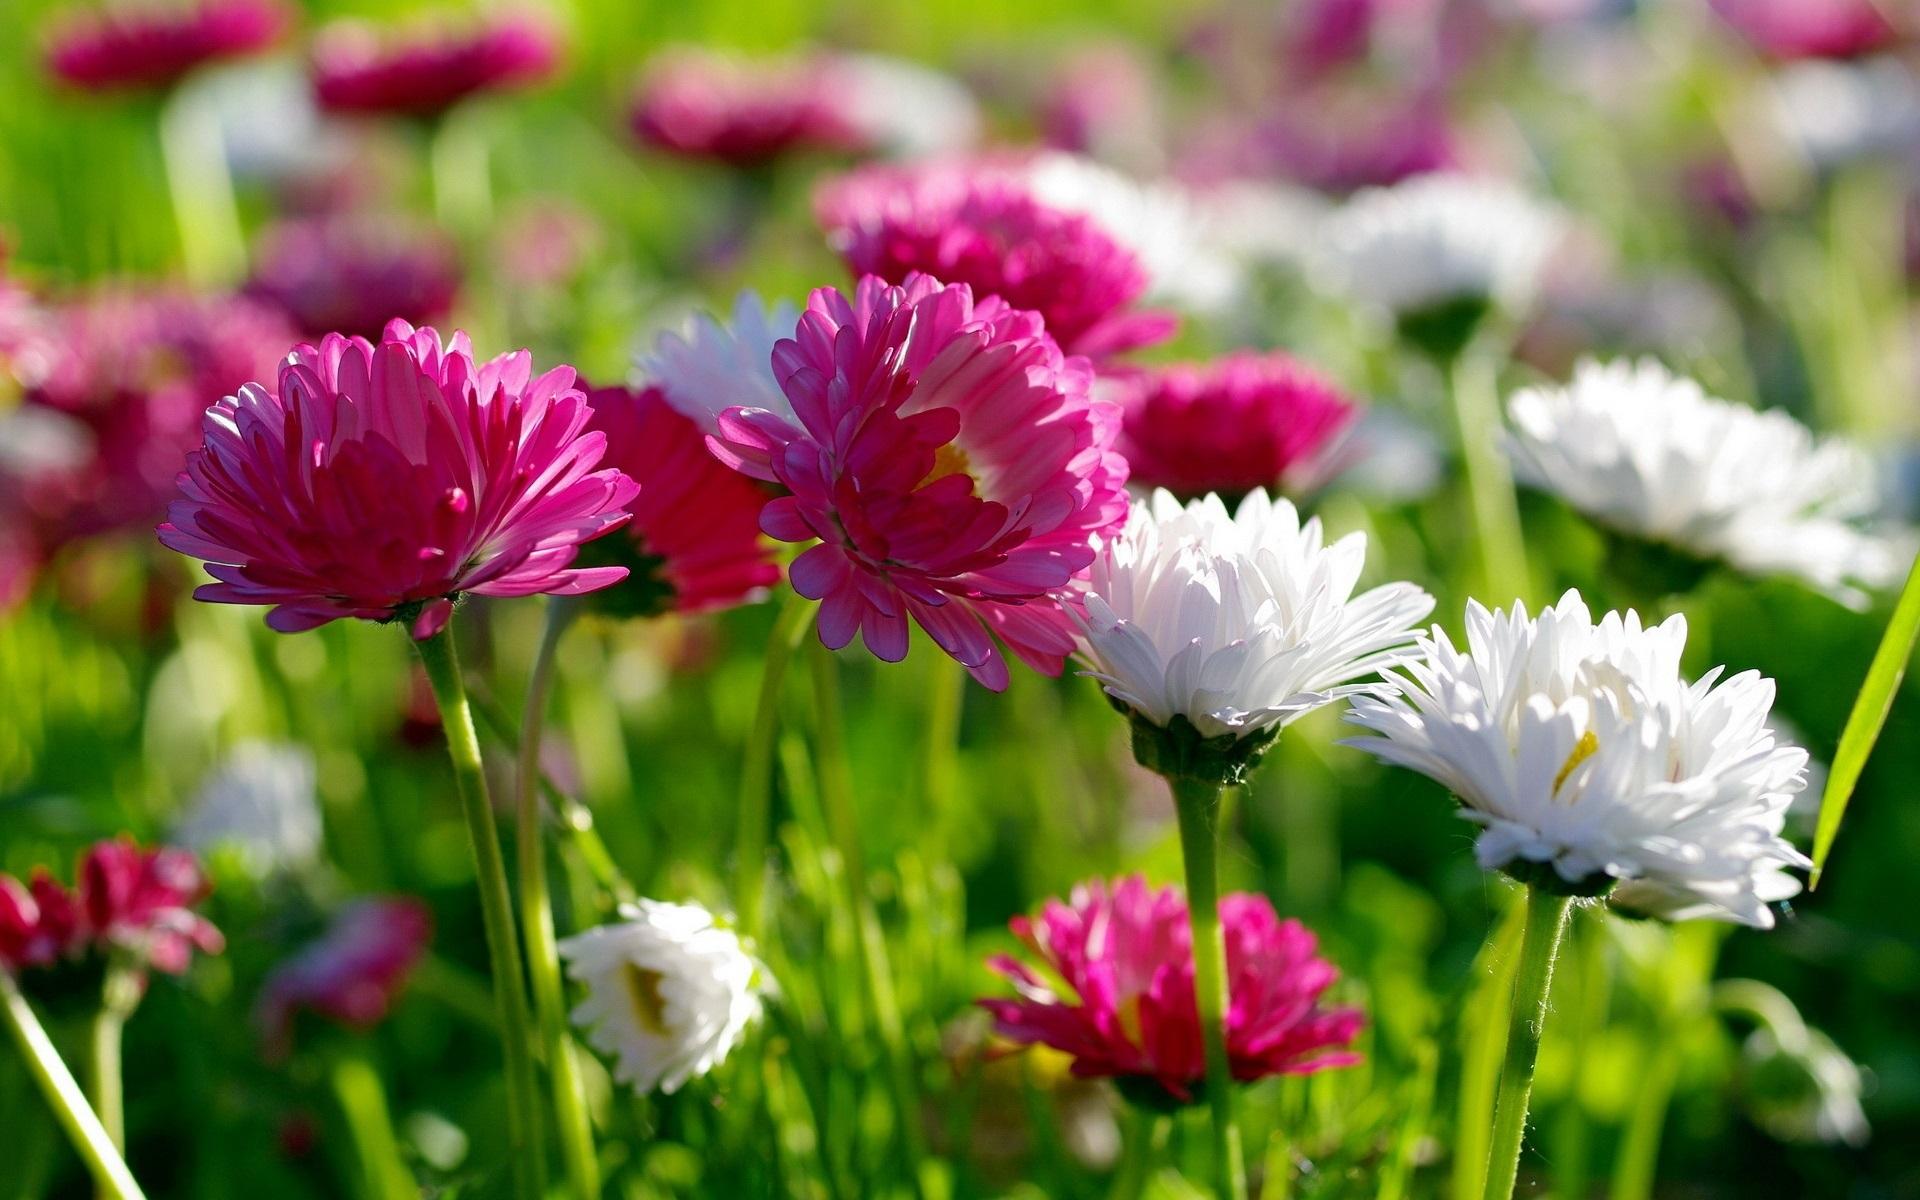 Fondos De Pantalla Flores Rosadas Crisantemo Fondo: Fondos De Pantalla Flores, Verano, Blanco Y Crisantemo